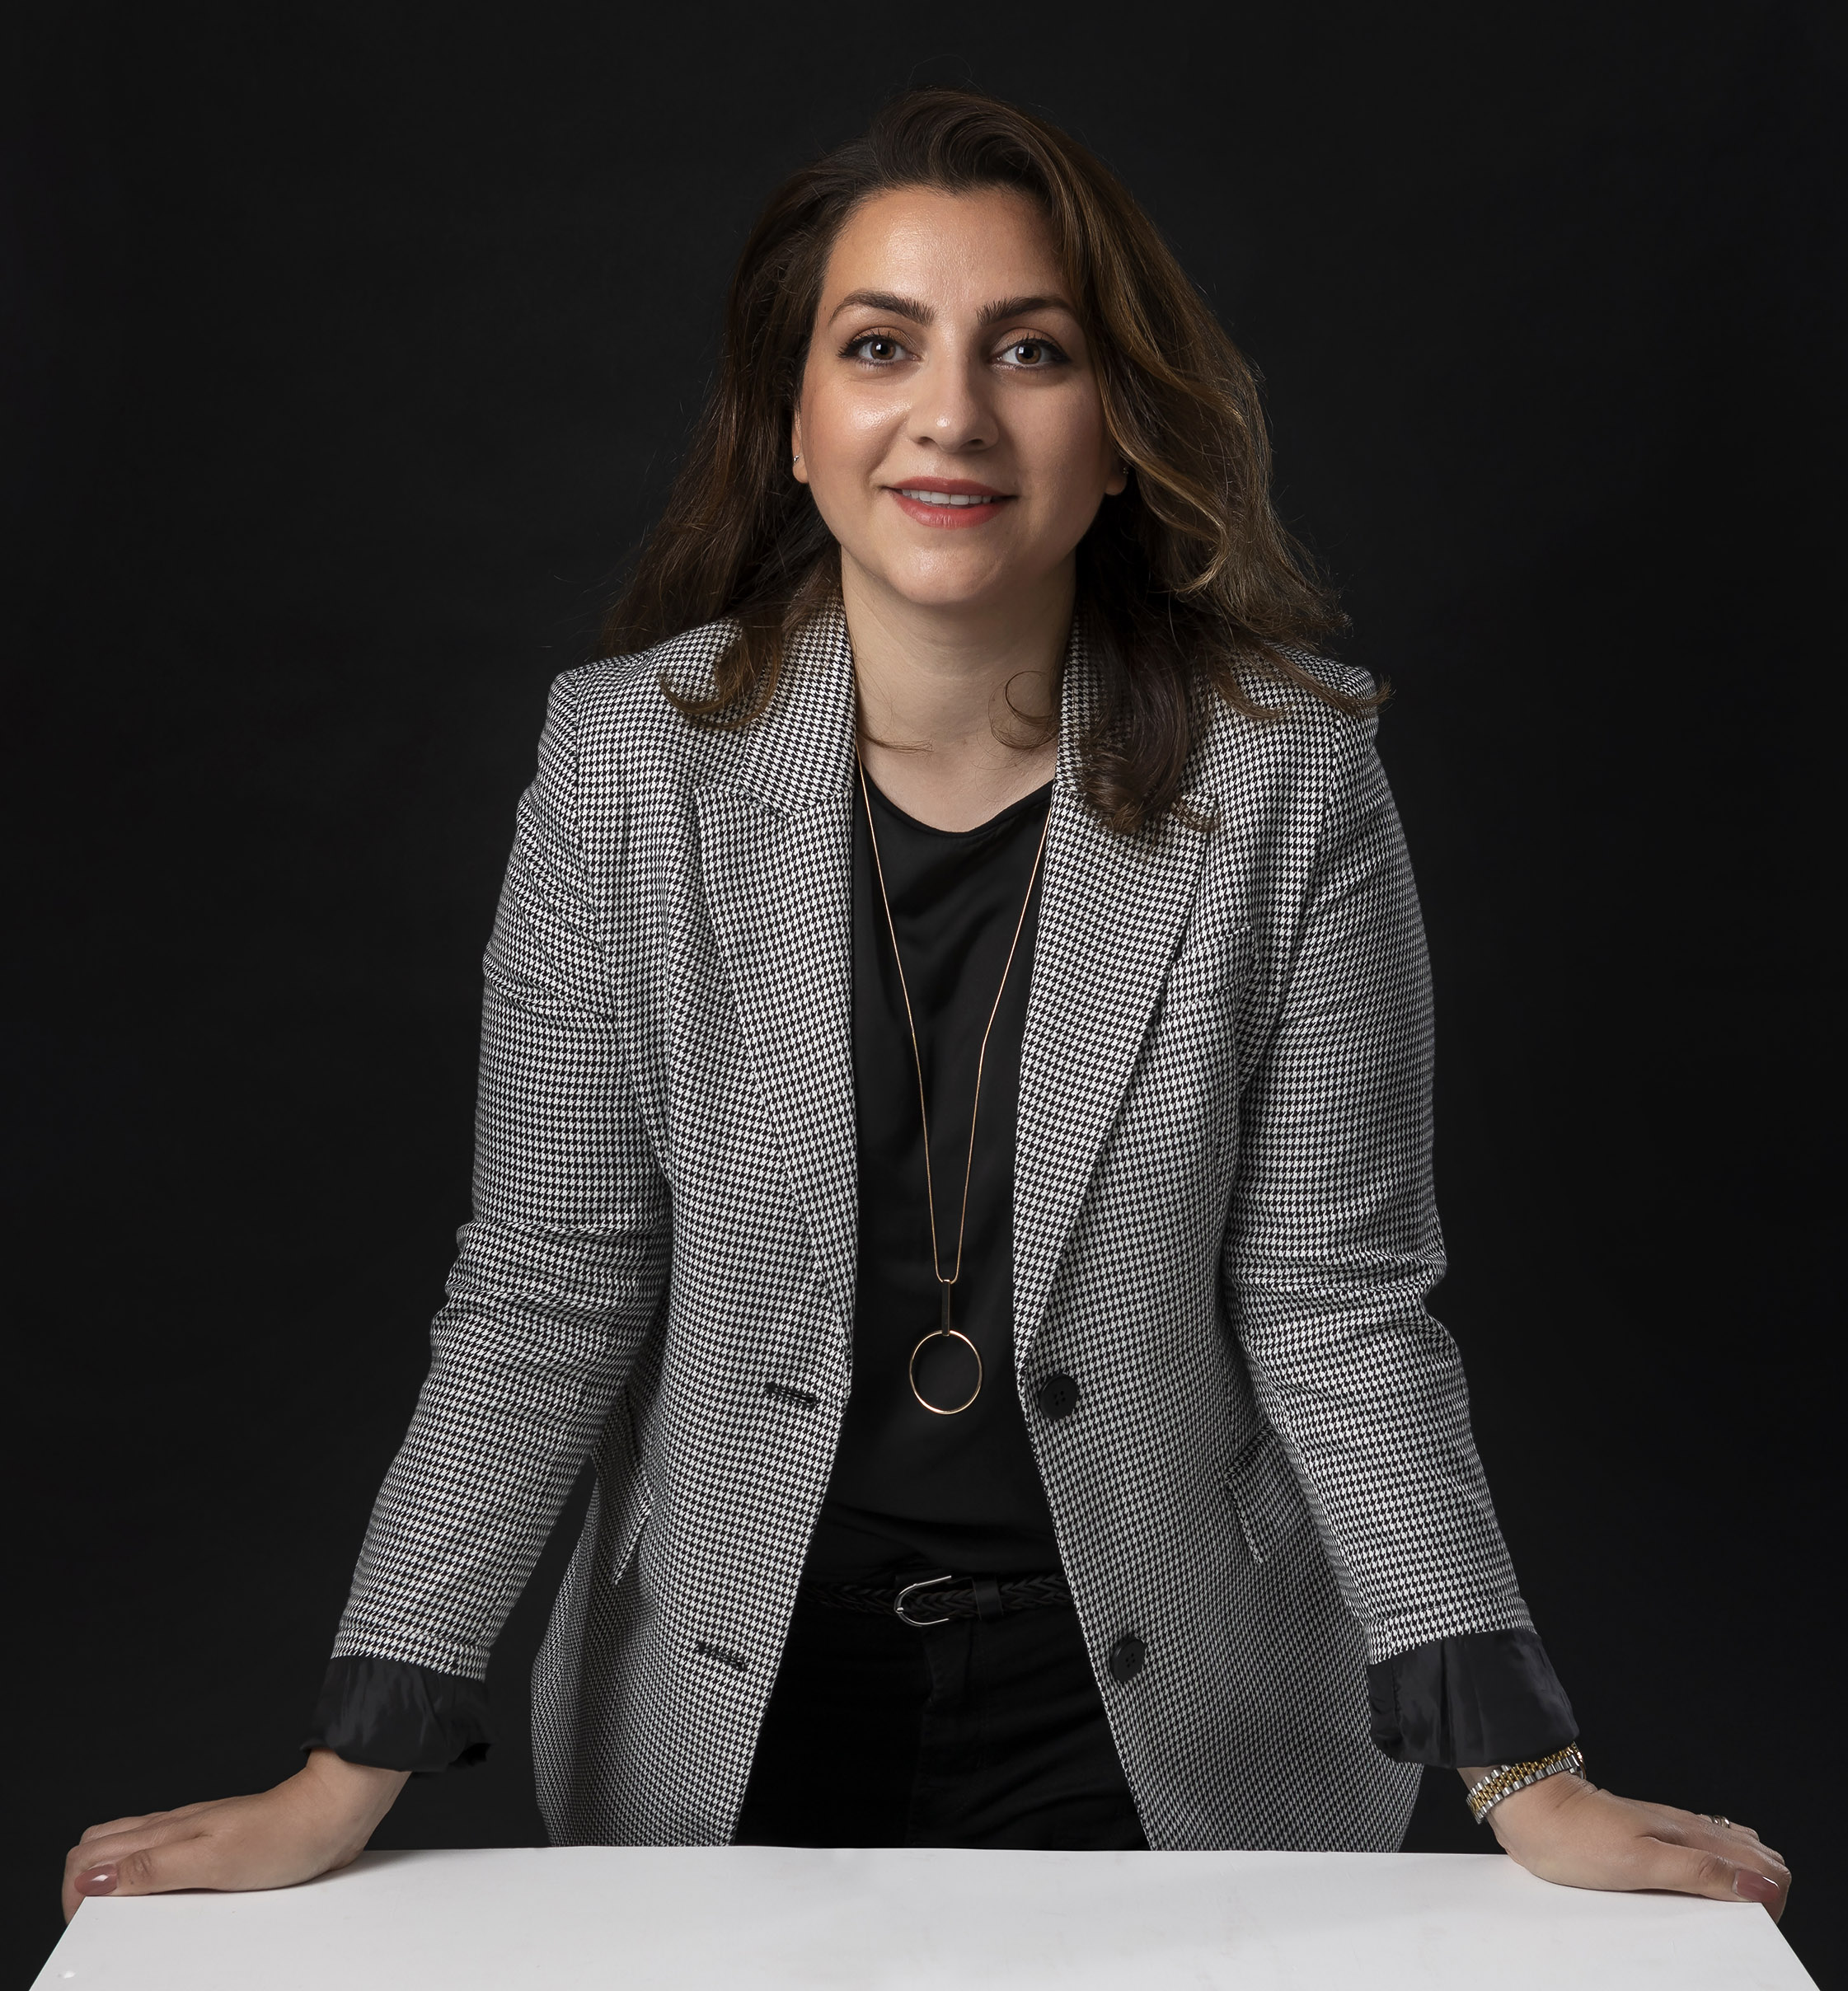 Zara Zamani